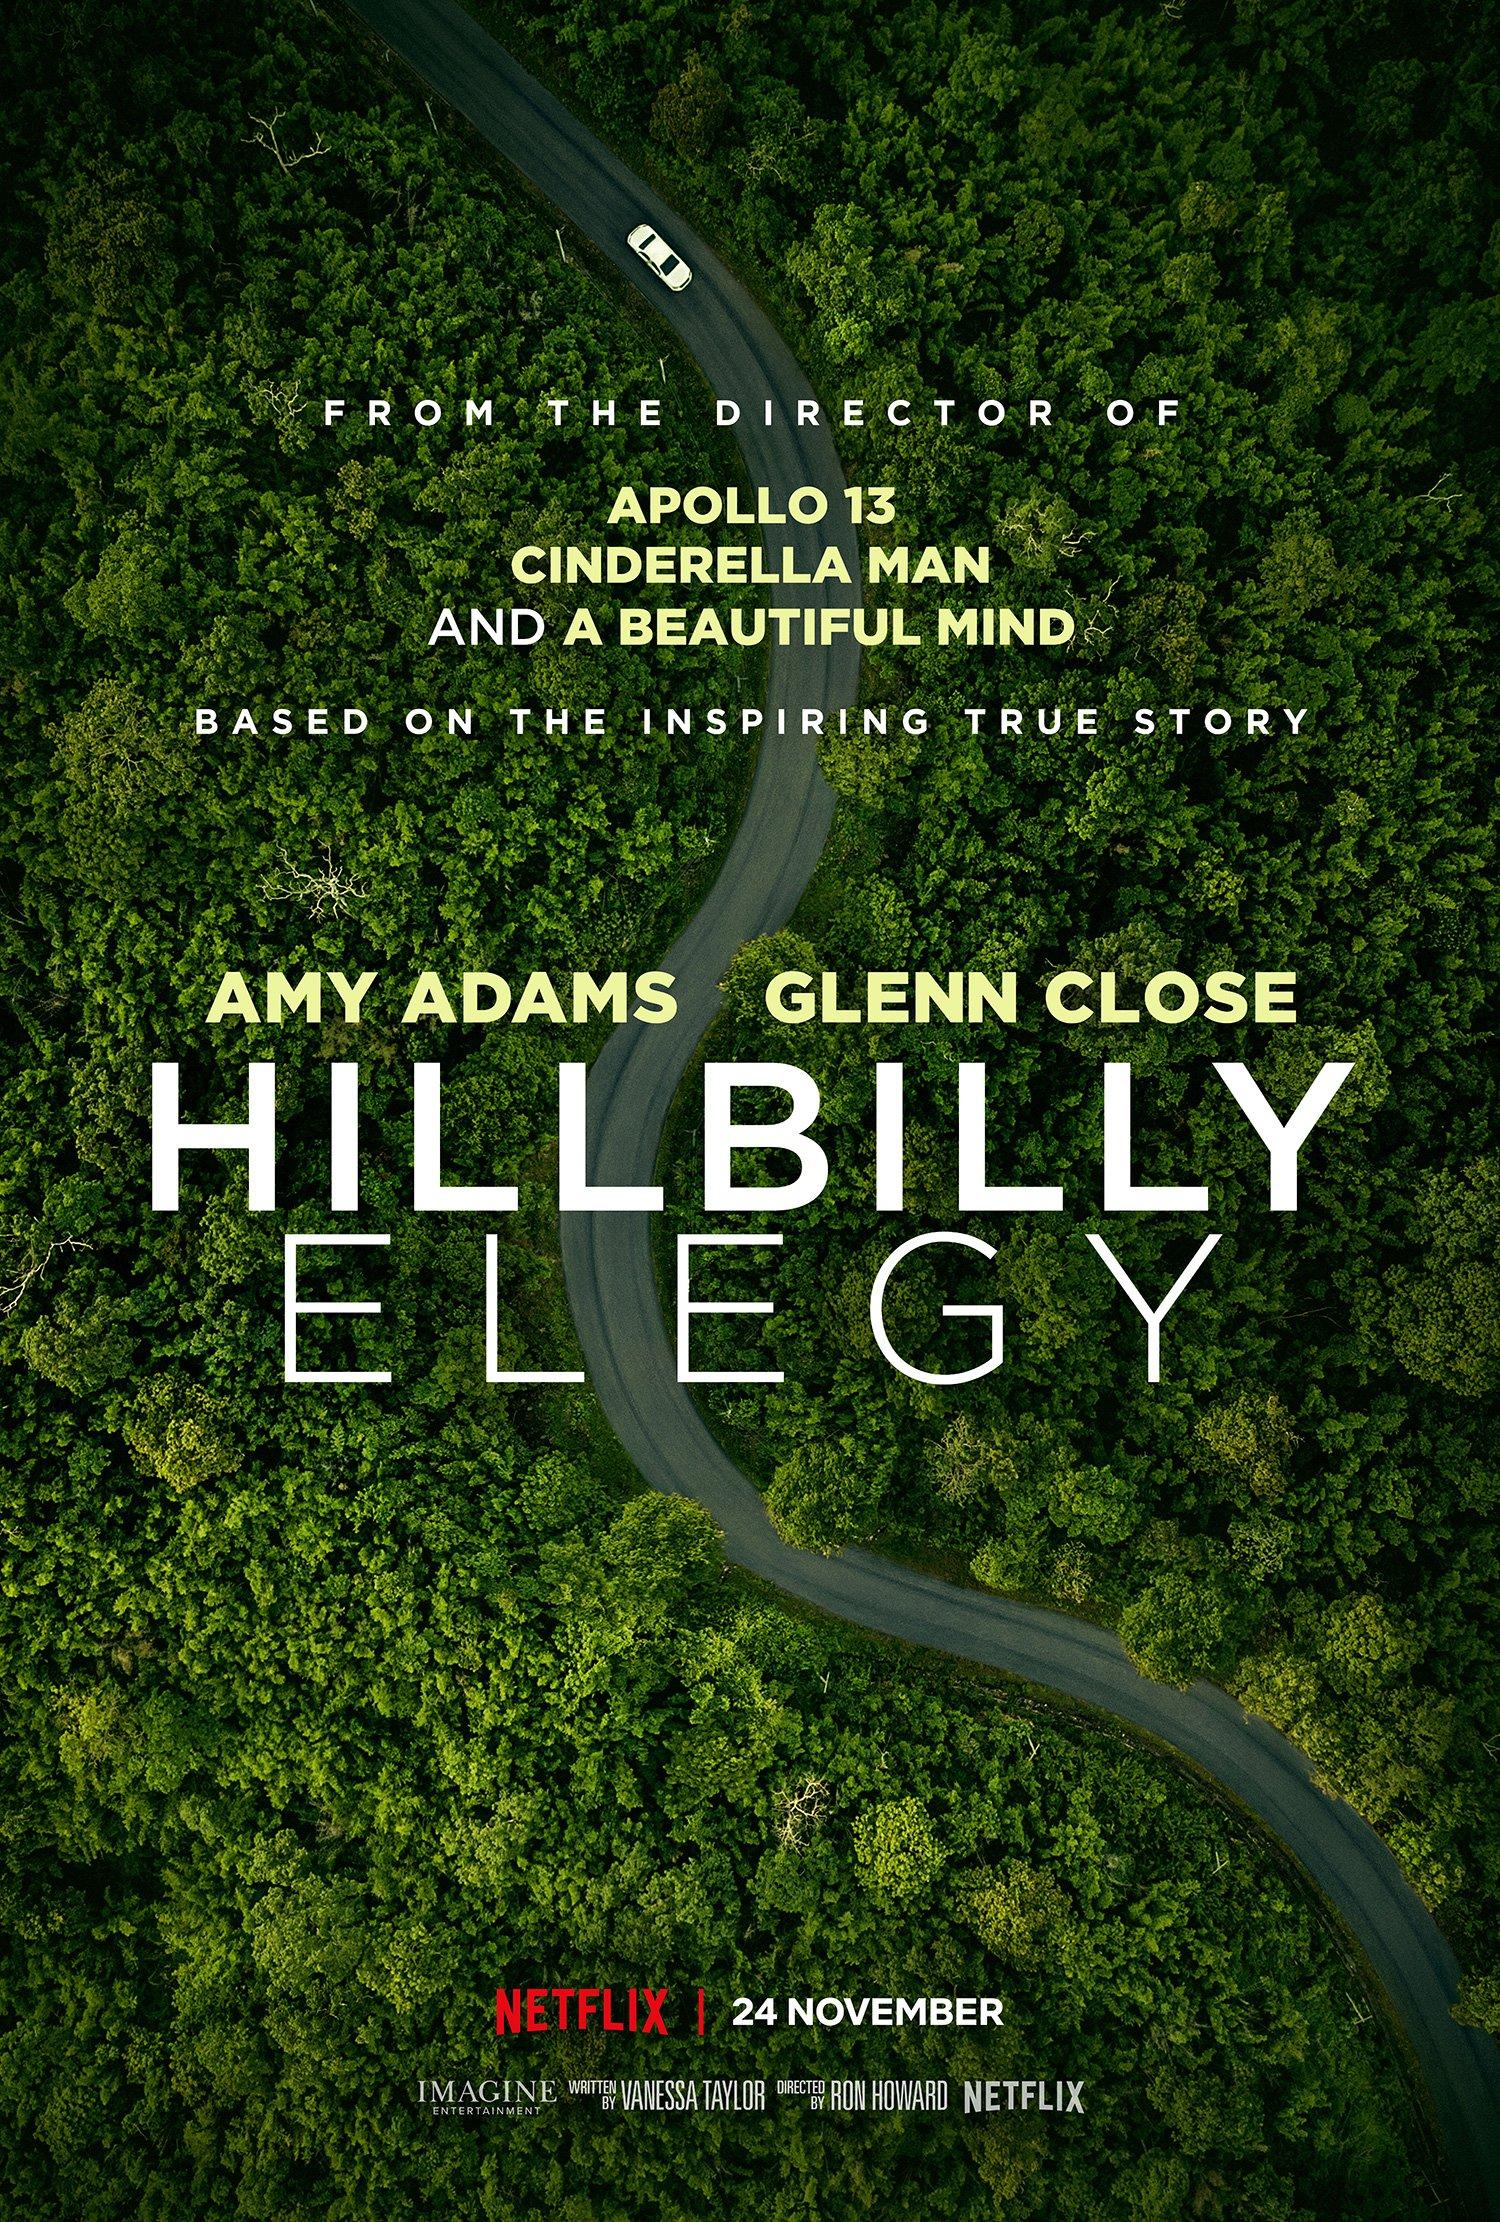 HILLBILLY_TEASER_Vertical_Main_RGB_EN-UK